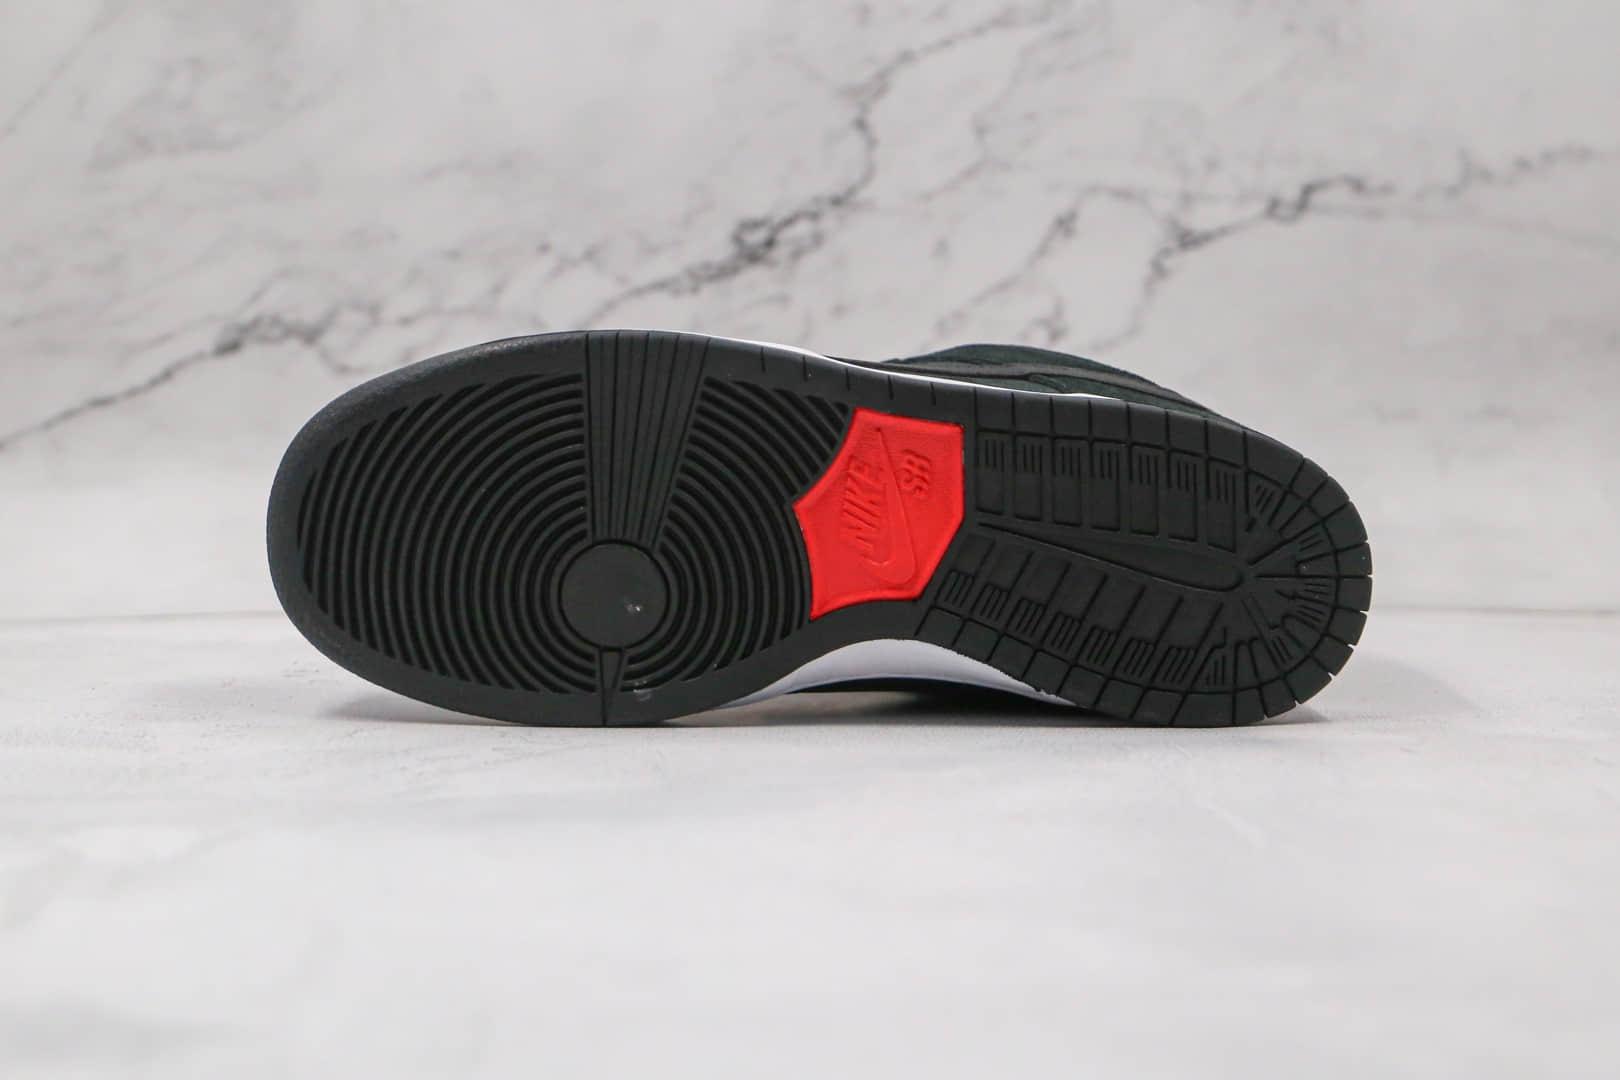 耐克Nike Dunk Low Pro SB Green Cork纯原版本低帮SB DUNK绿鳄黑绿板鞋内置Zoom气垫 货号:304292-055